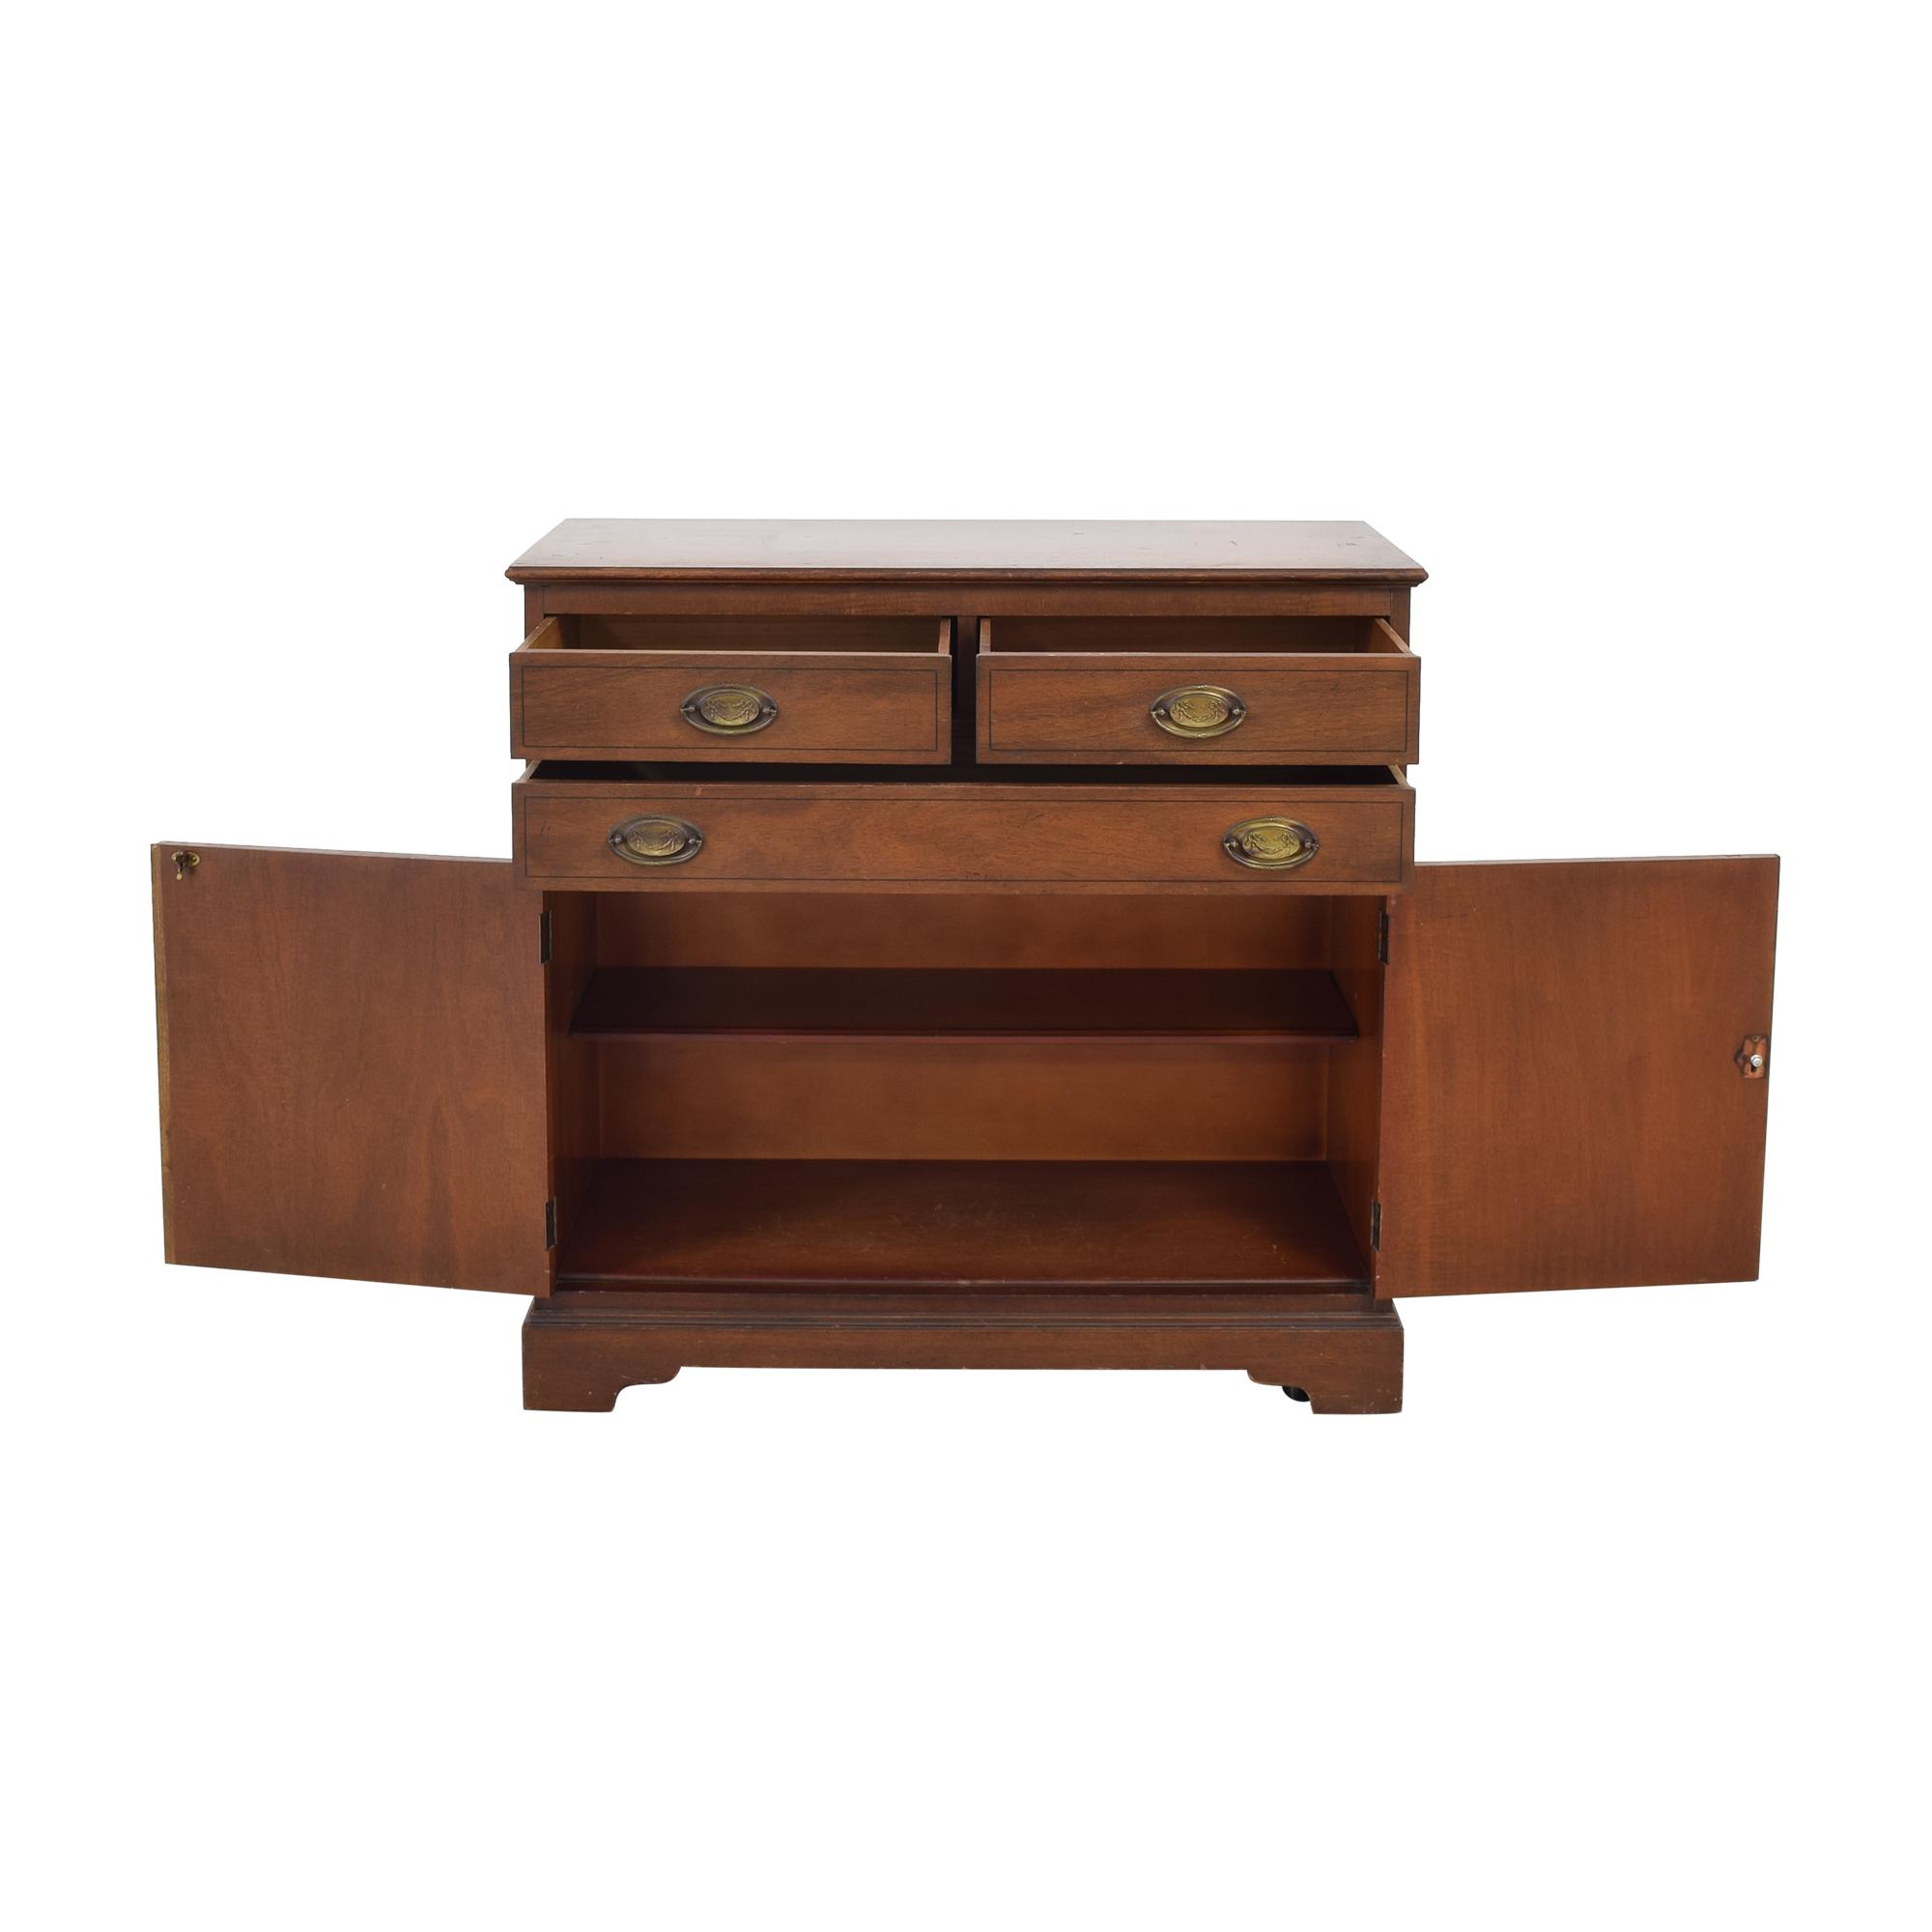 Henredon Furniture Cabinet Henredon Furniture